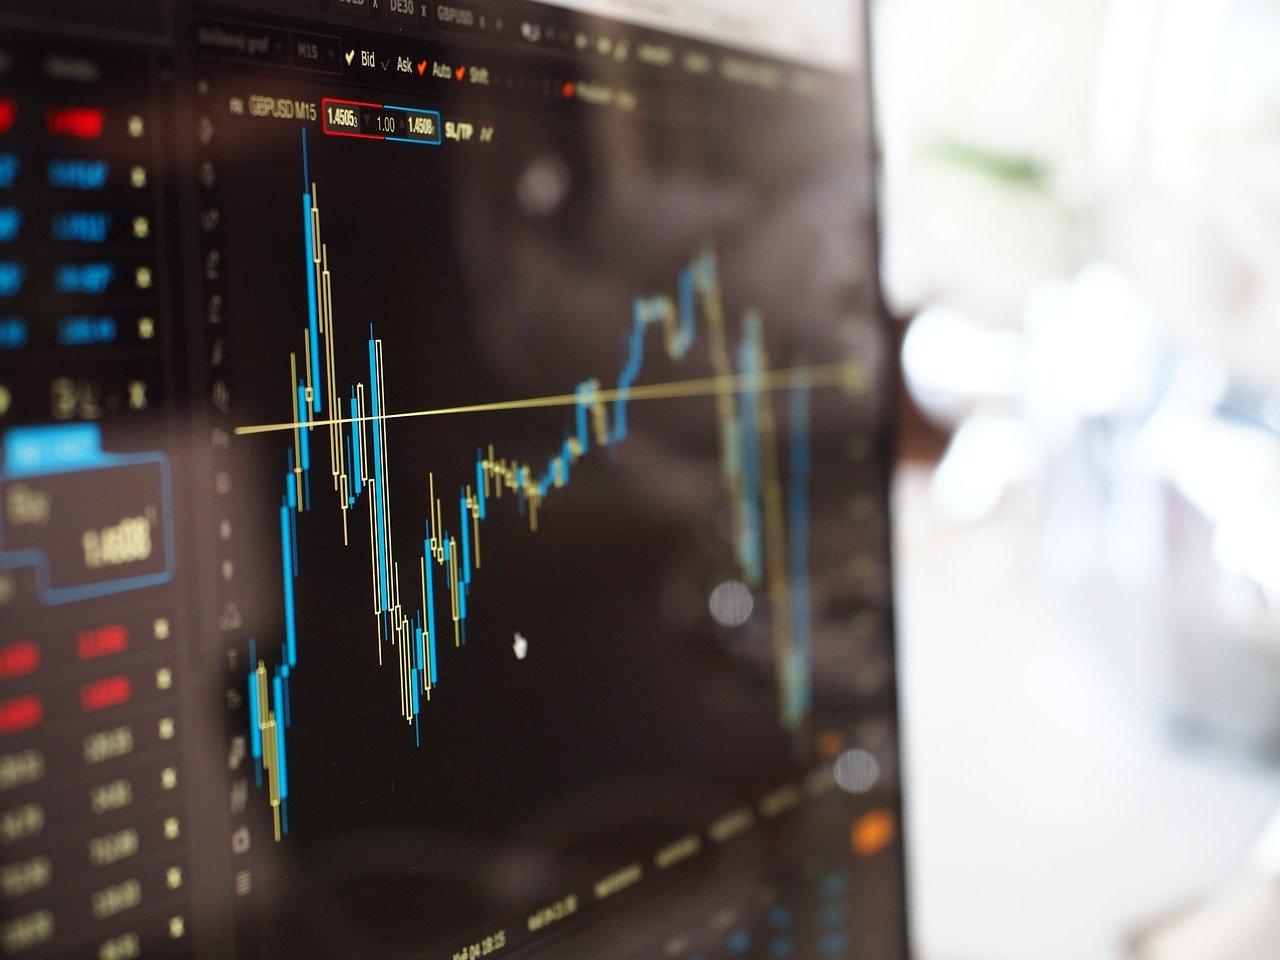 Rassegna Stampa e Ultime Notizie di Affari Economia Finanza Borsa